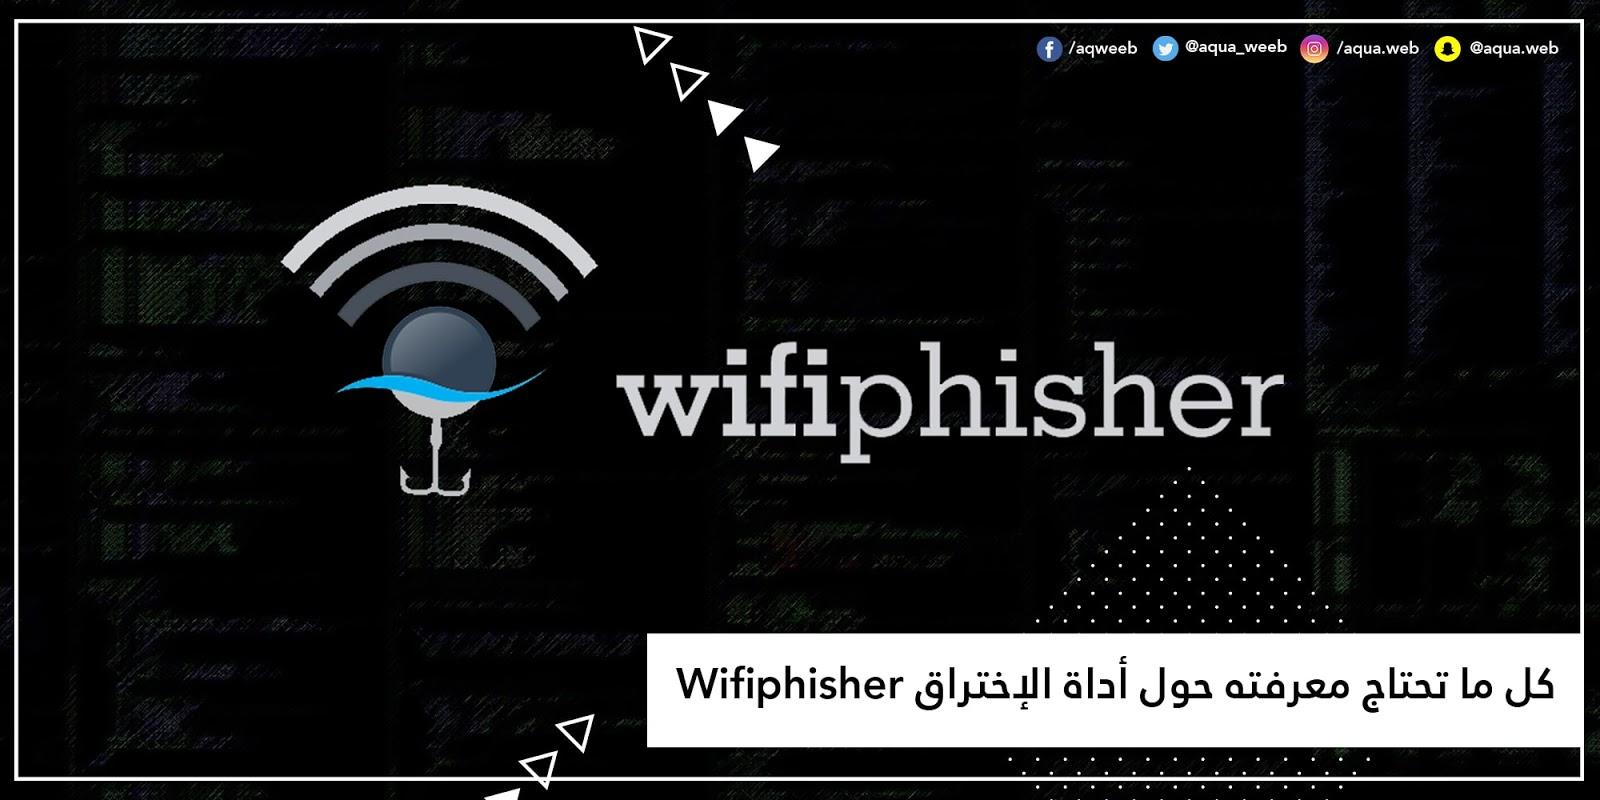 كل ما تحتاج معرفته حول أداة الإختراق Wifiphisher